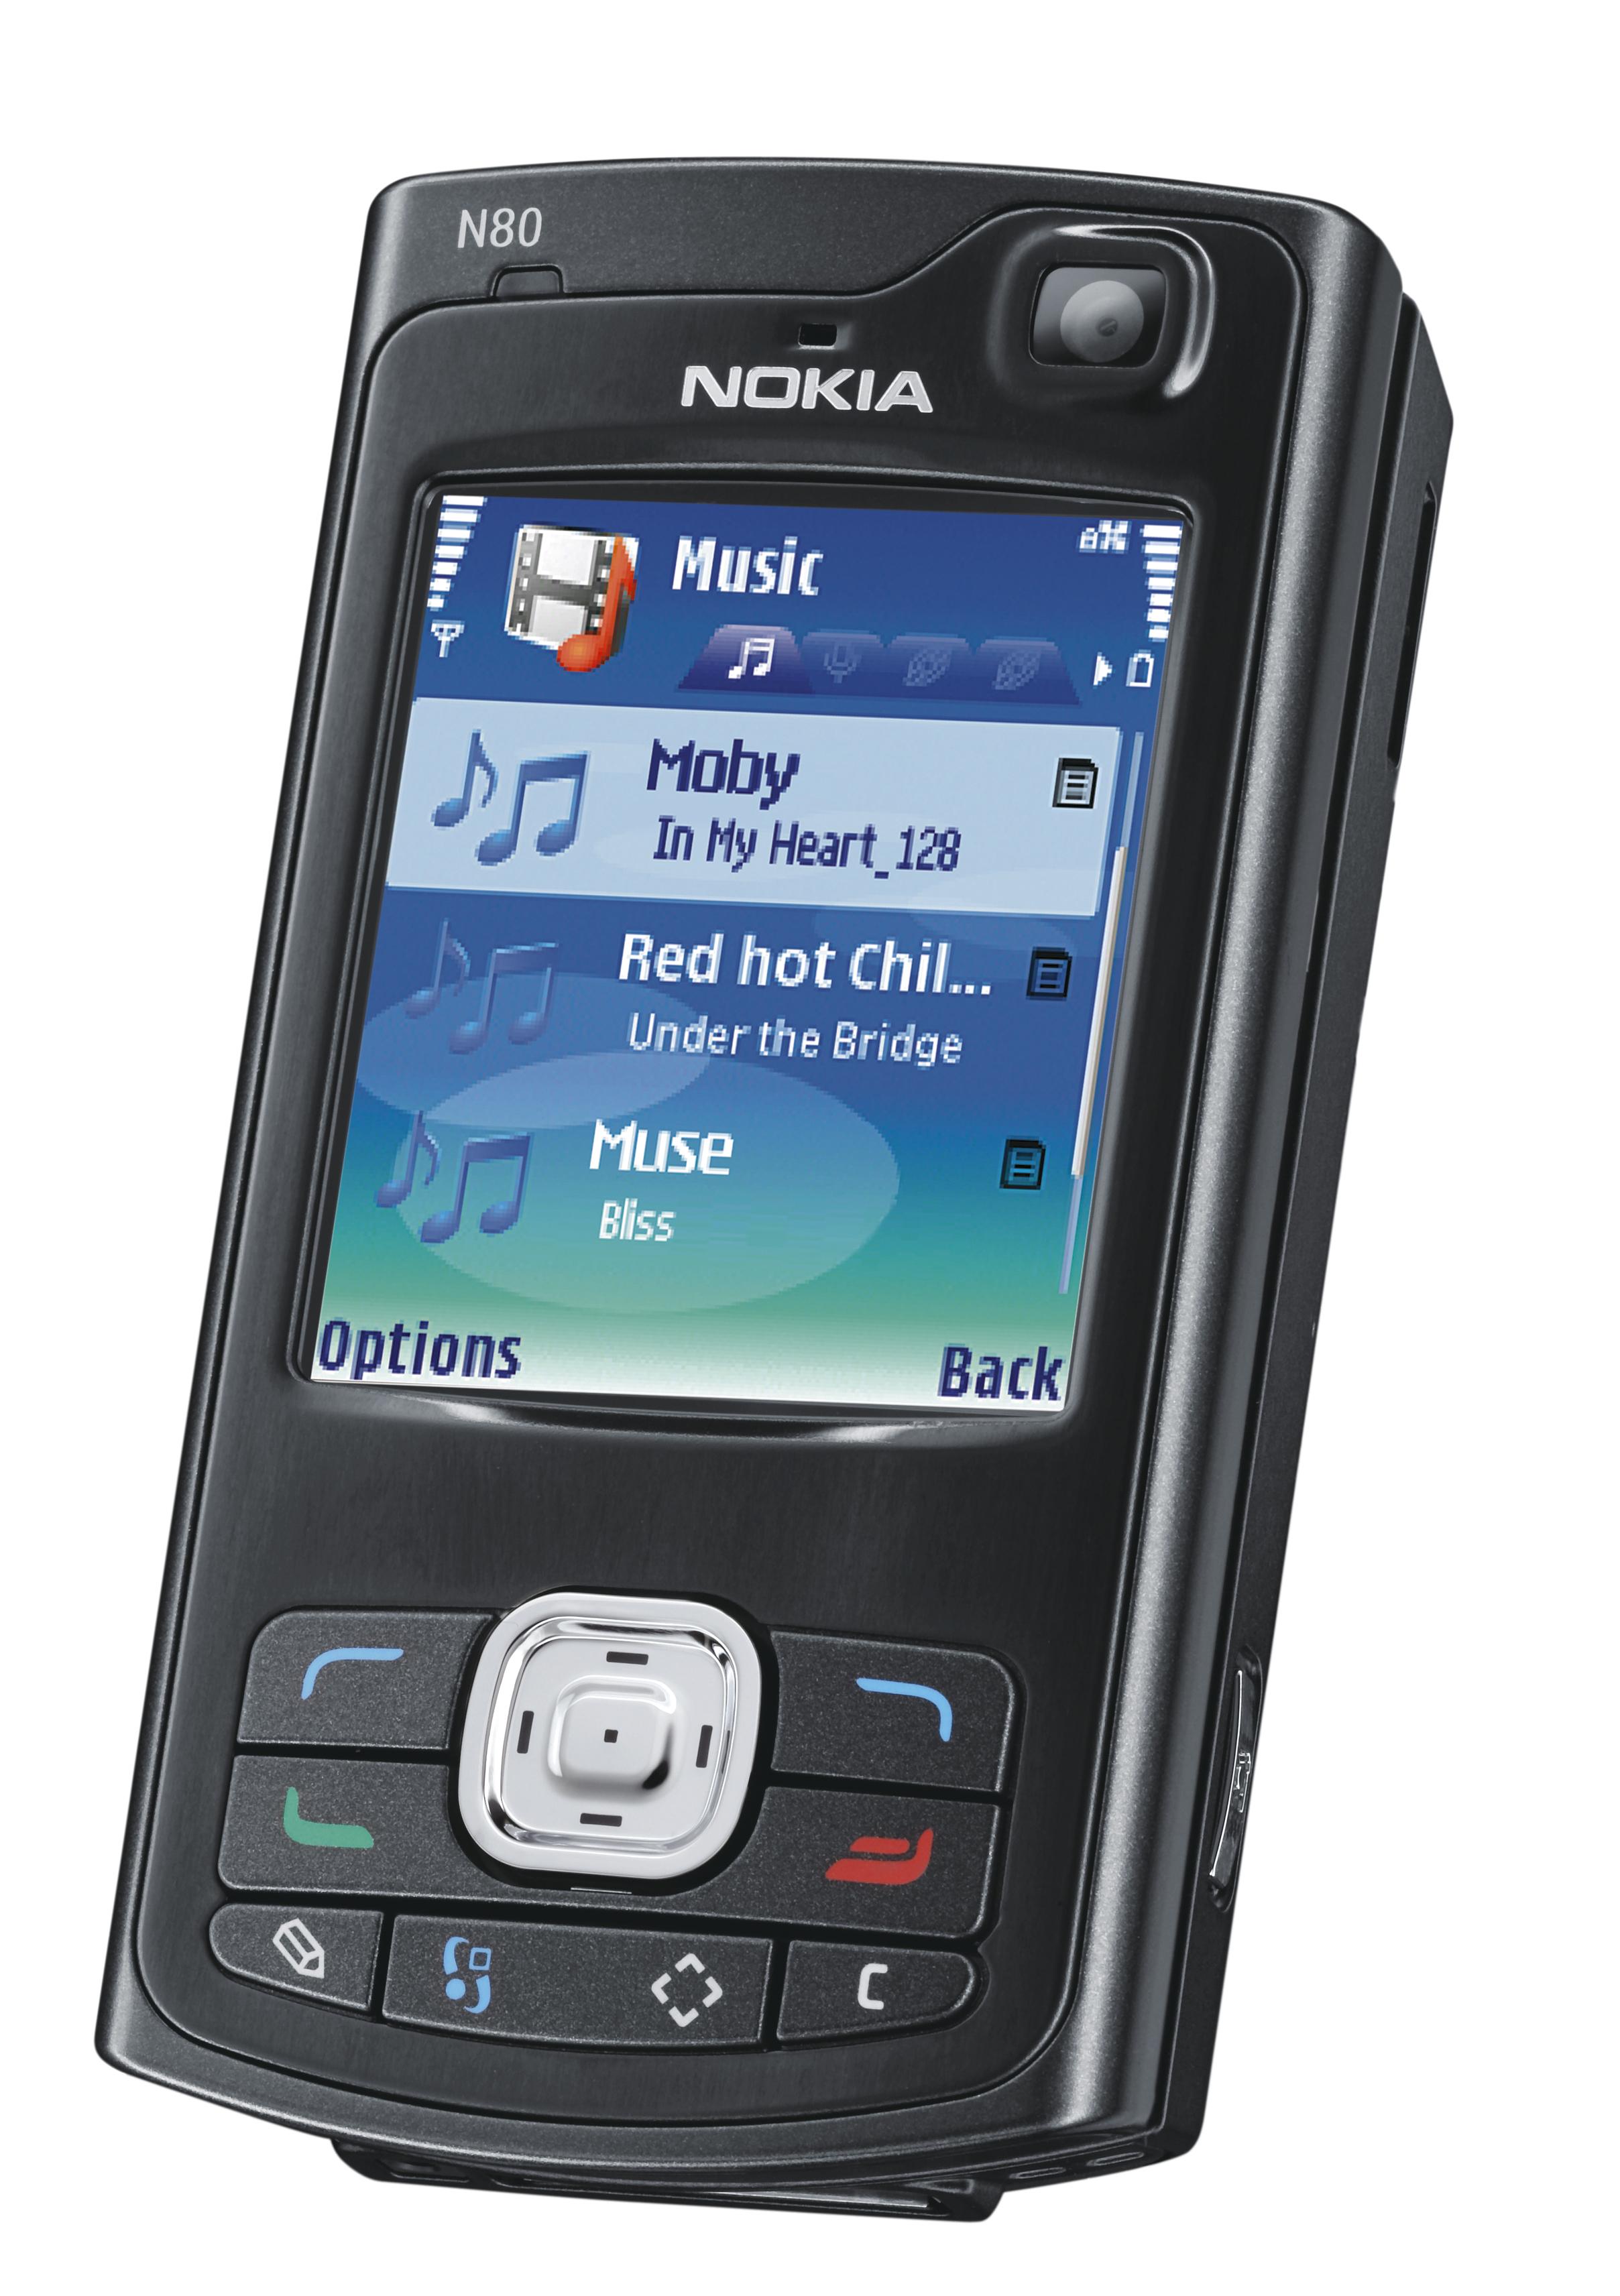 Инструкция Nokia R N80 Скачать - swebcontractdownload